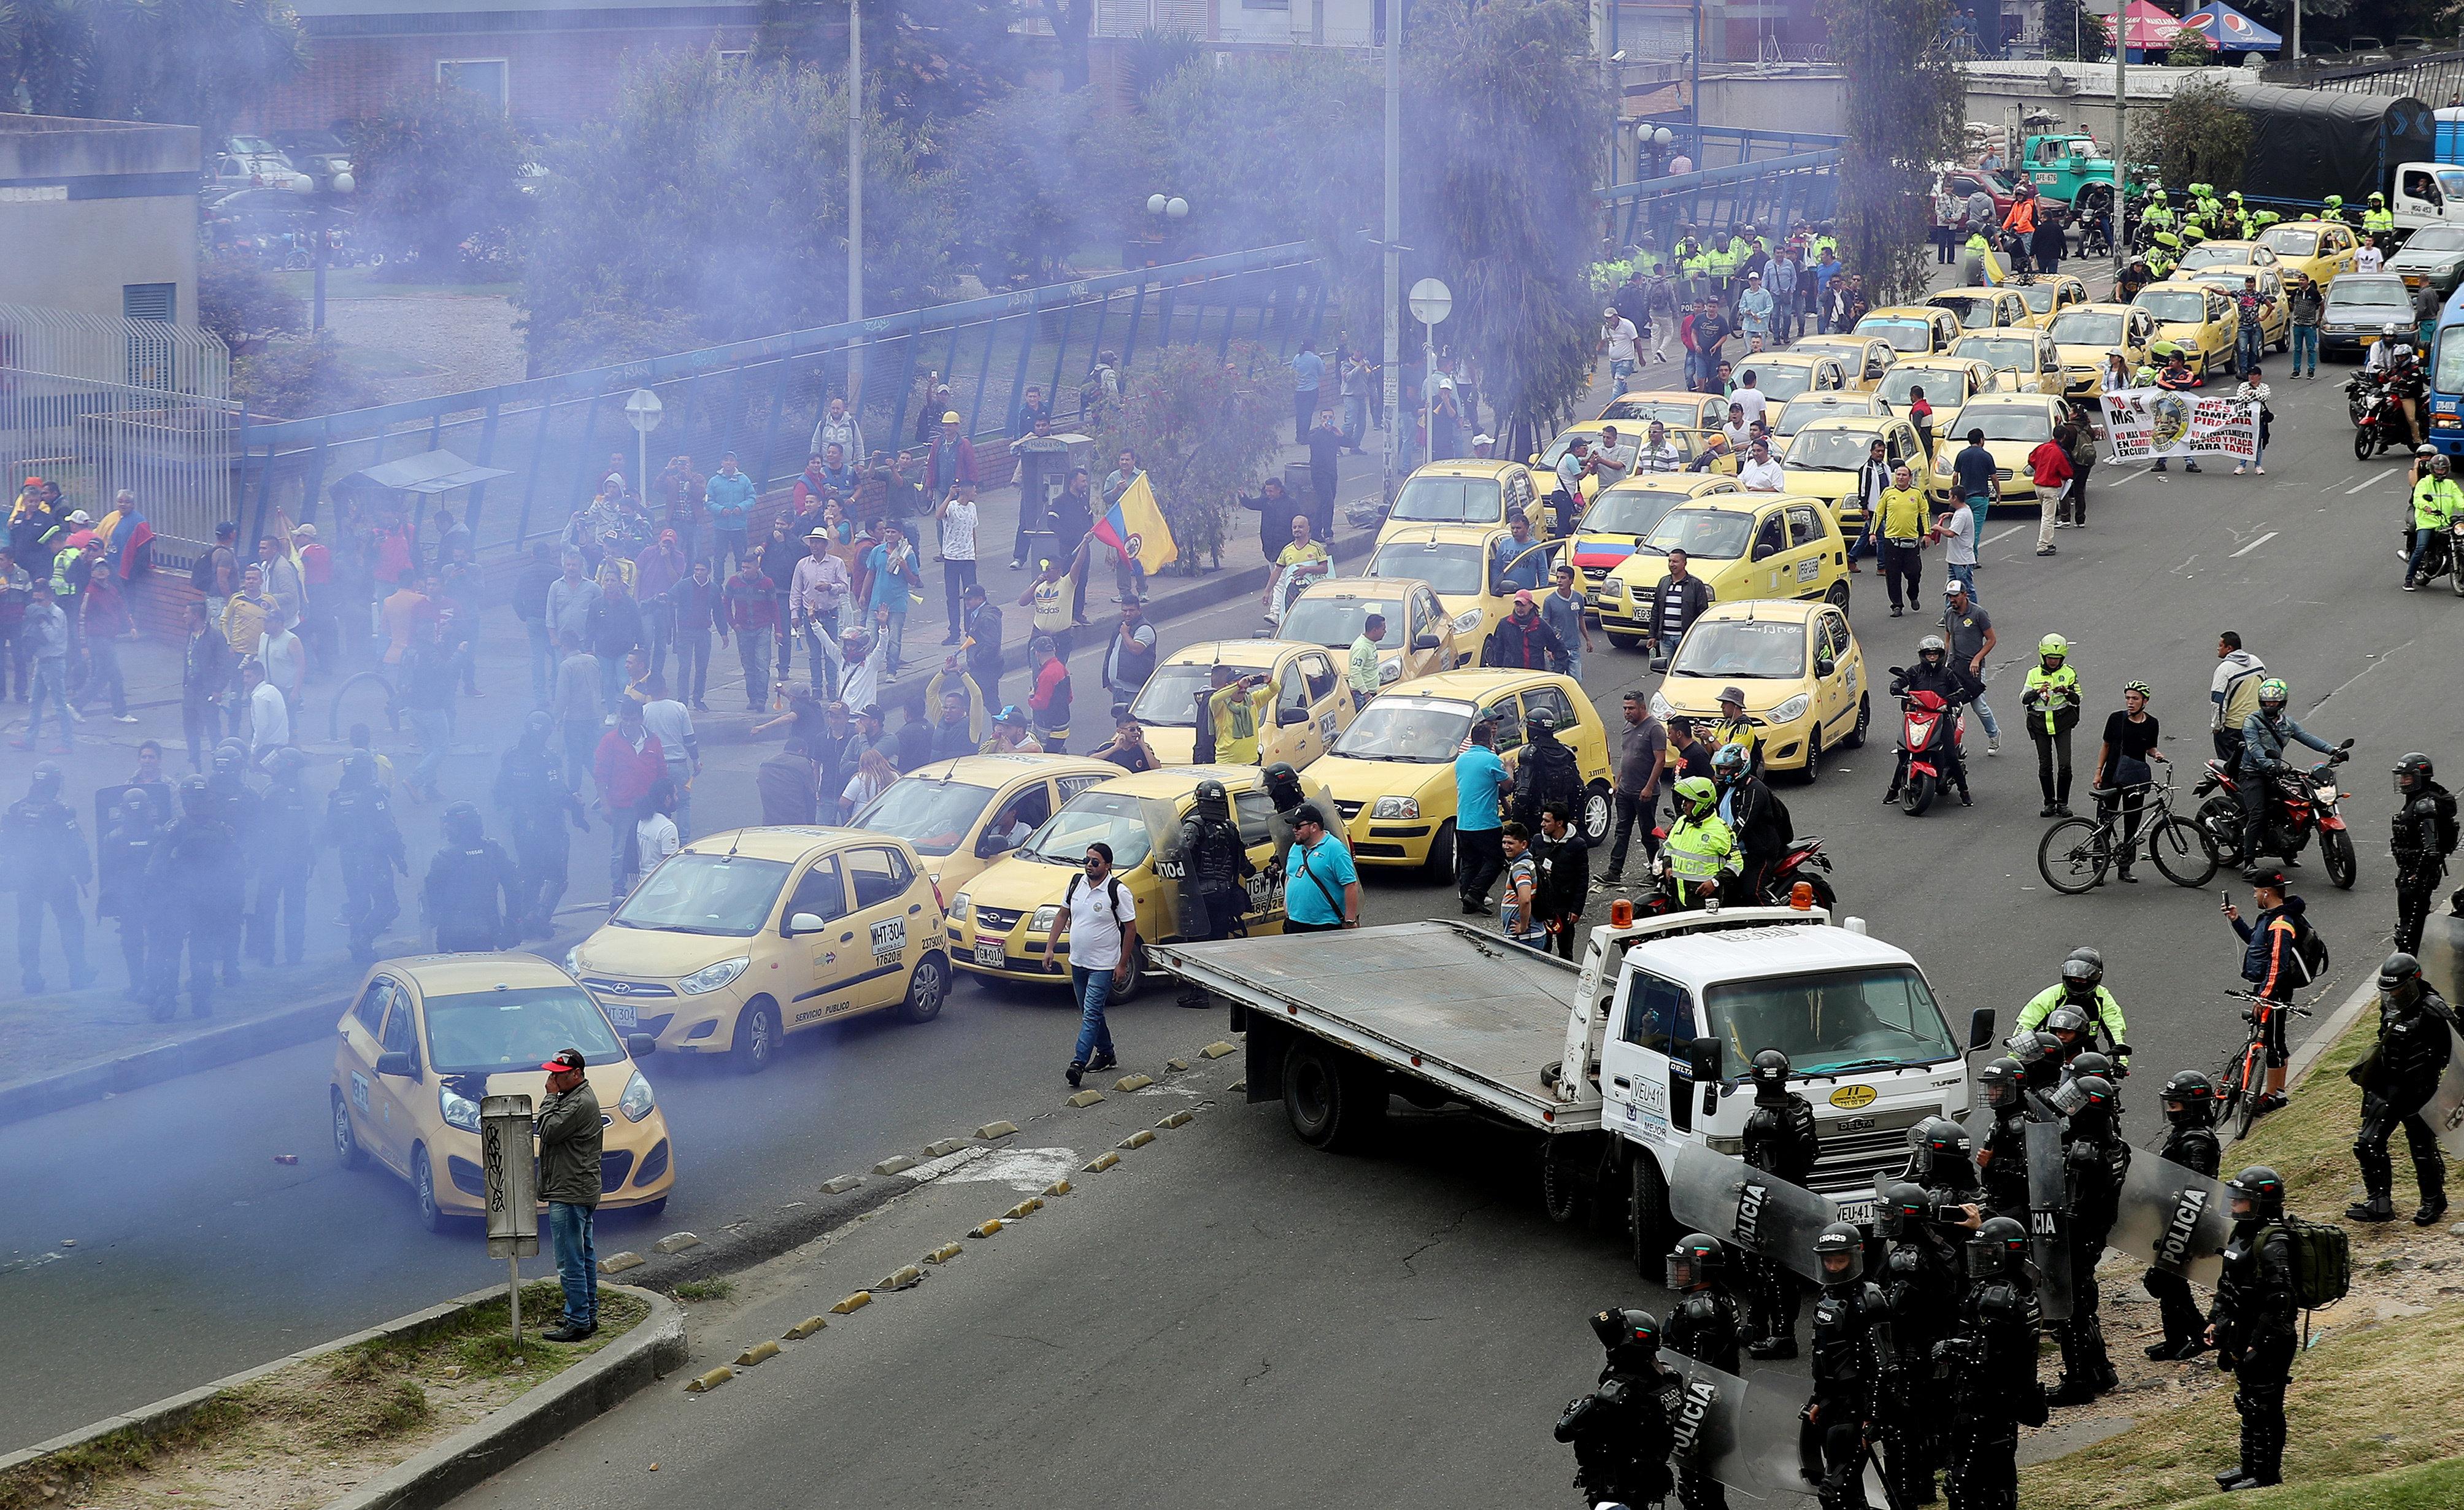 Comença la vaga indefinida de taxistes a Bogotà en protesta per Uber i Cabify. /LEONARDO MUÑOZ